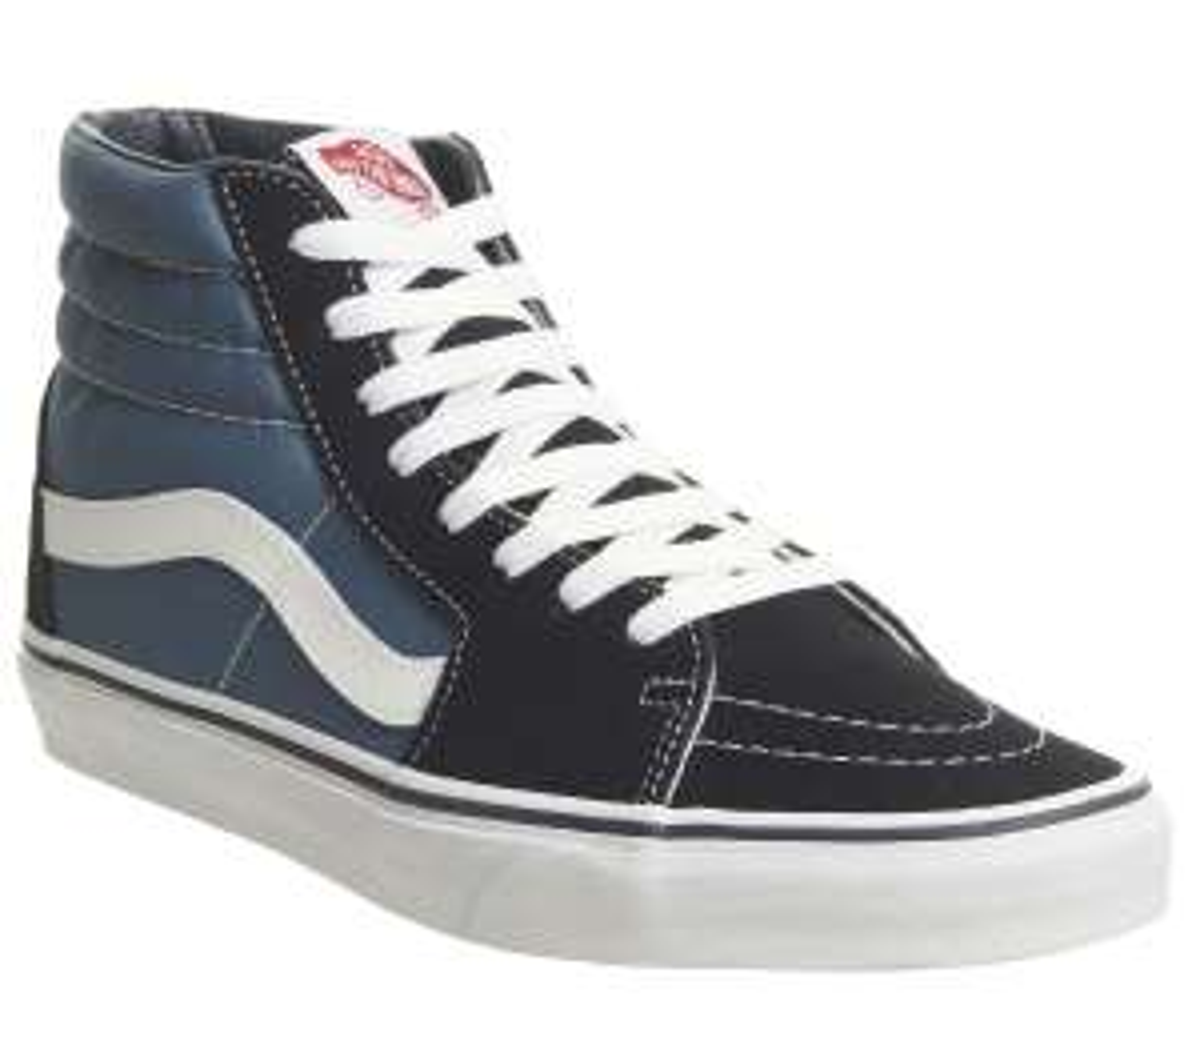 Chaussures montantes unisexe Vans Sk8 Hi Navy - Tailles 37 au 44.5